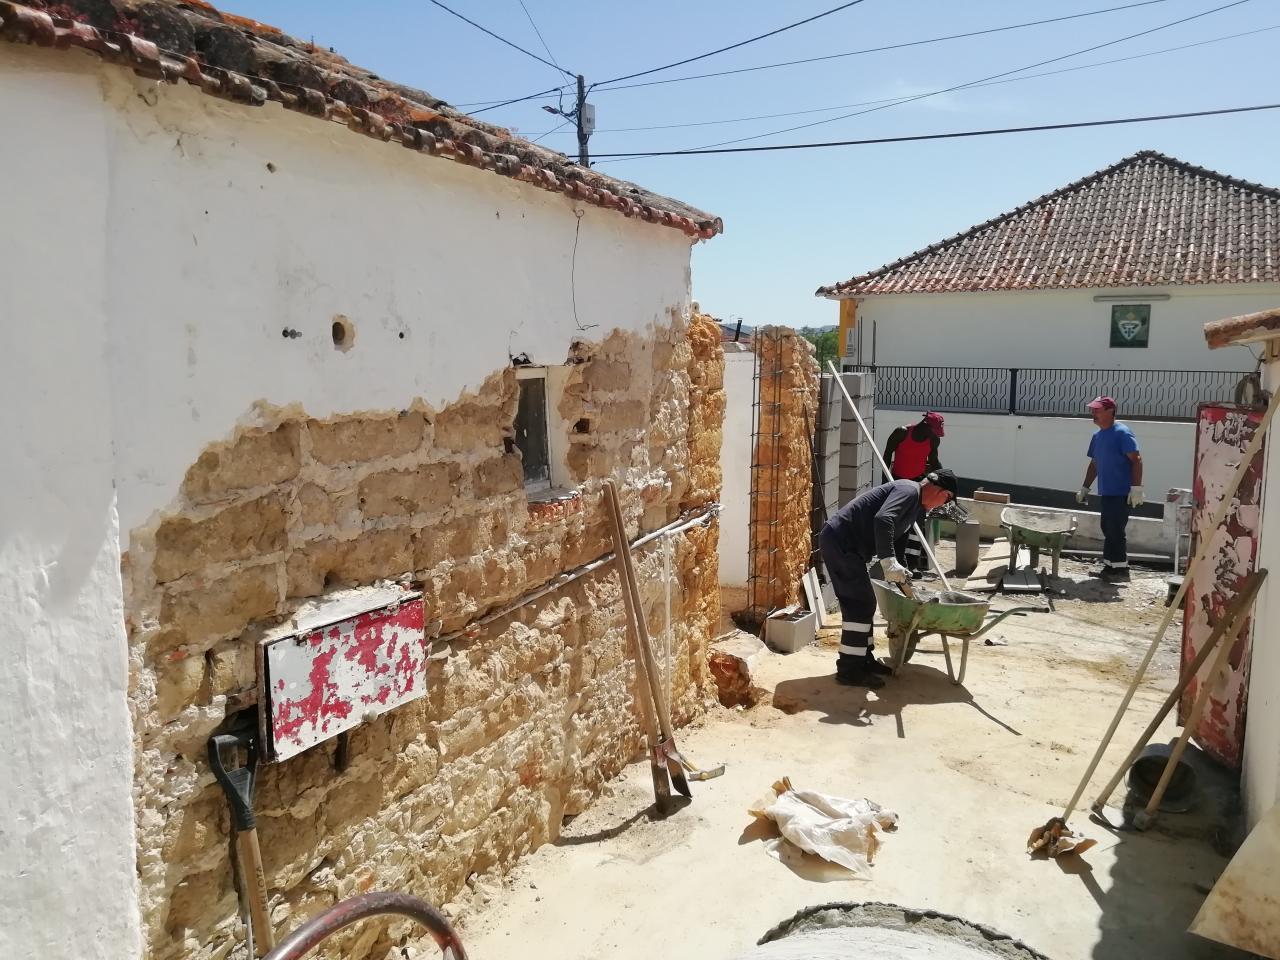 Reabilitação do edificado para futuros arquivos no Camarnal